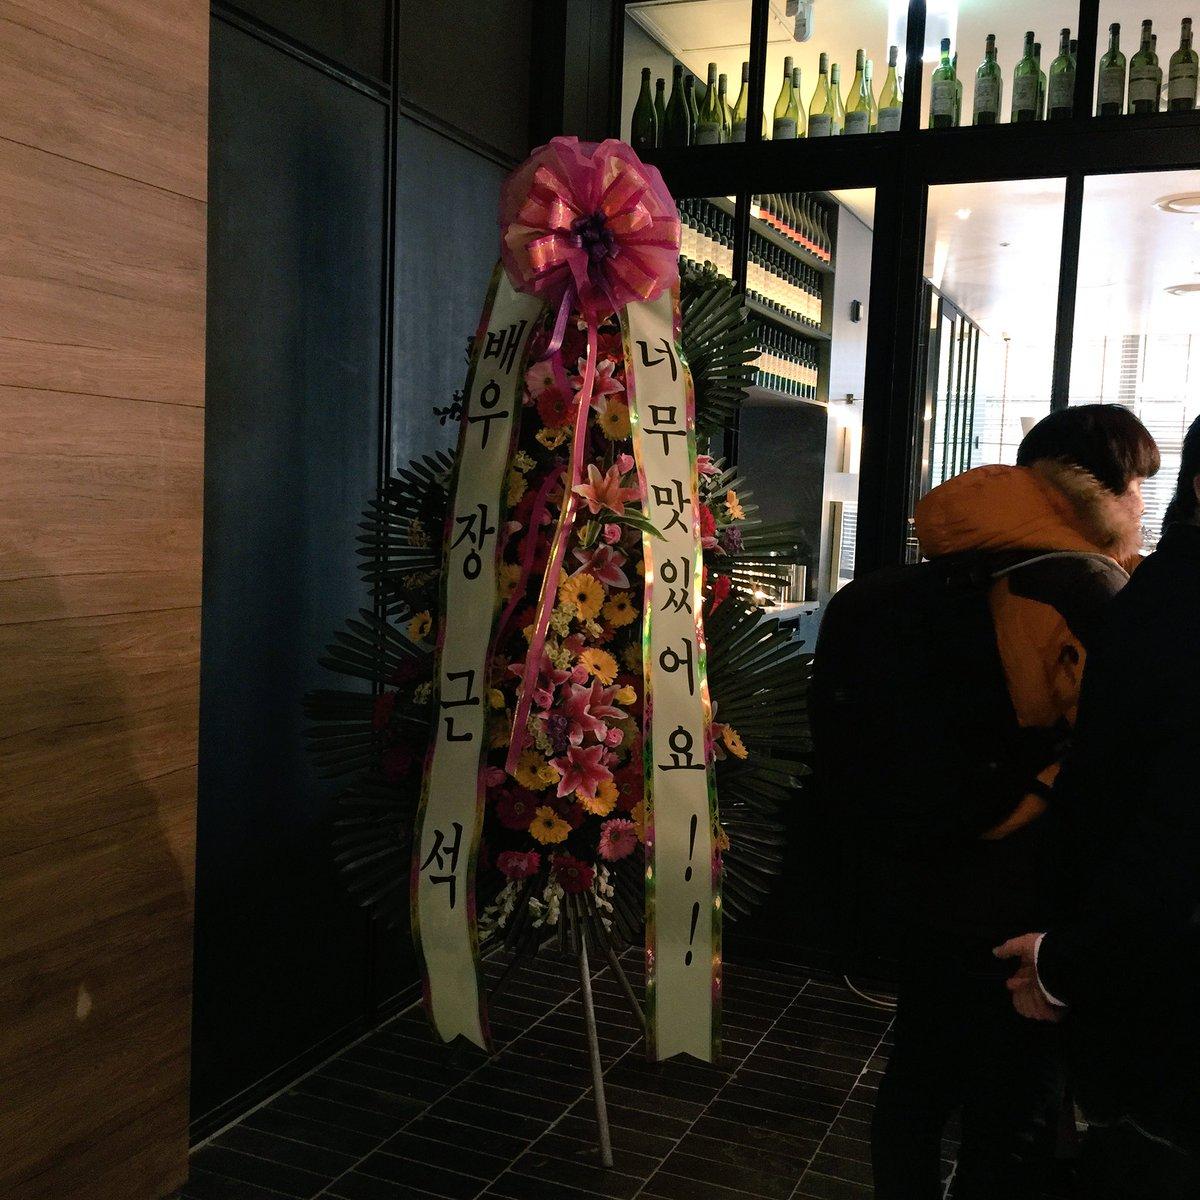 ソウル2店舗目のビルズレセプション。受付にこれ何?と言うくらい大きなメッセージの入ったお花が届いた。「超美味しい!チャングンソク」らしい。グンちゃんありがとう。2店舗目にも是非食べに来てね。 https://t.co/3GKpP9PraO